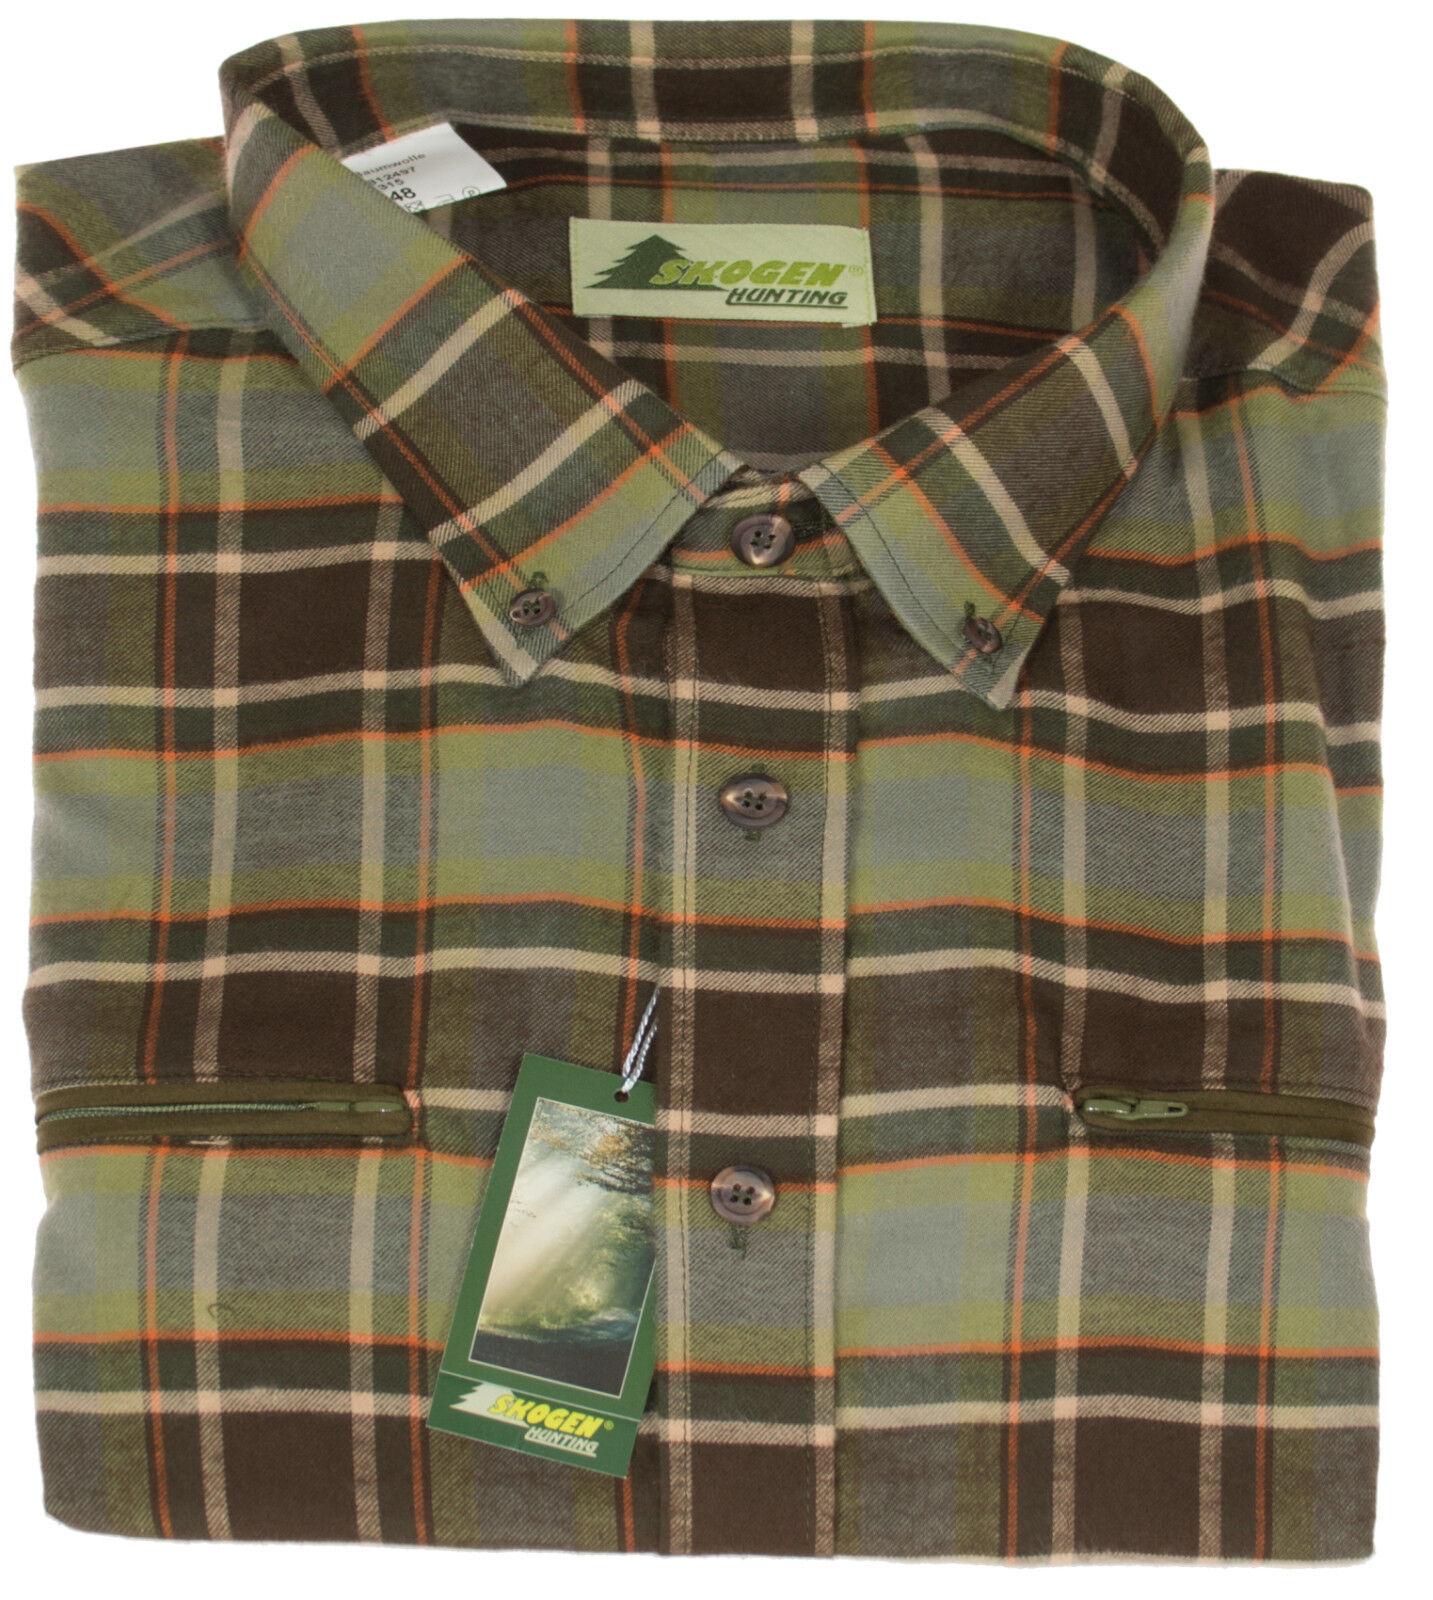 Al aire librehemd caza - & tiempo libre fácilmente camisa de franela verde oliva marrón a cuadros camisa skogen